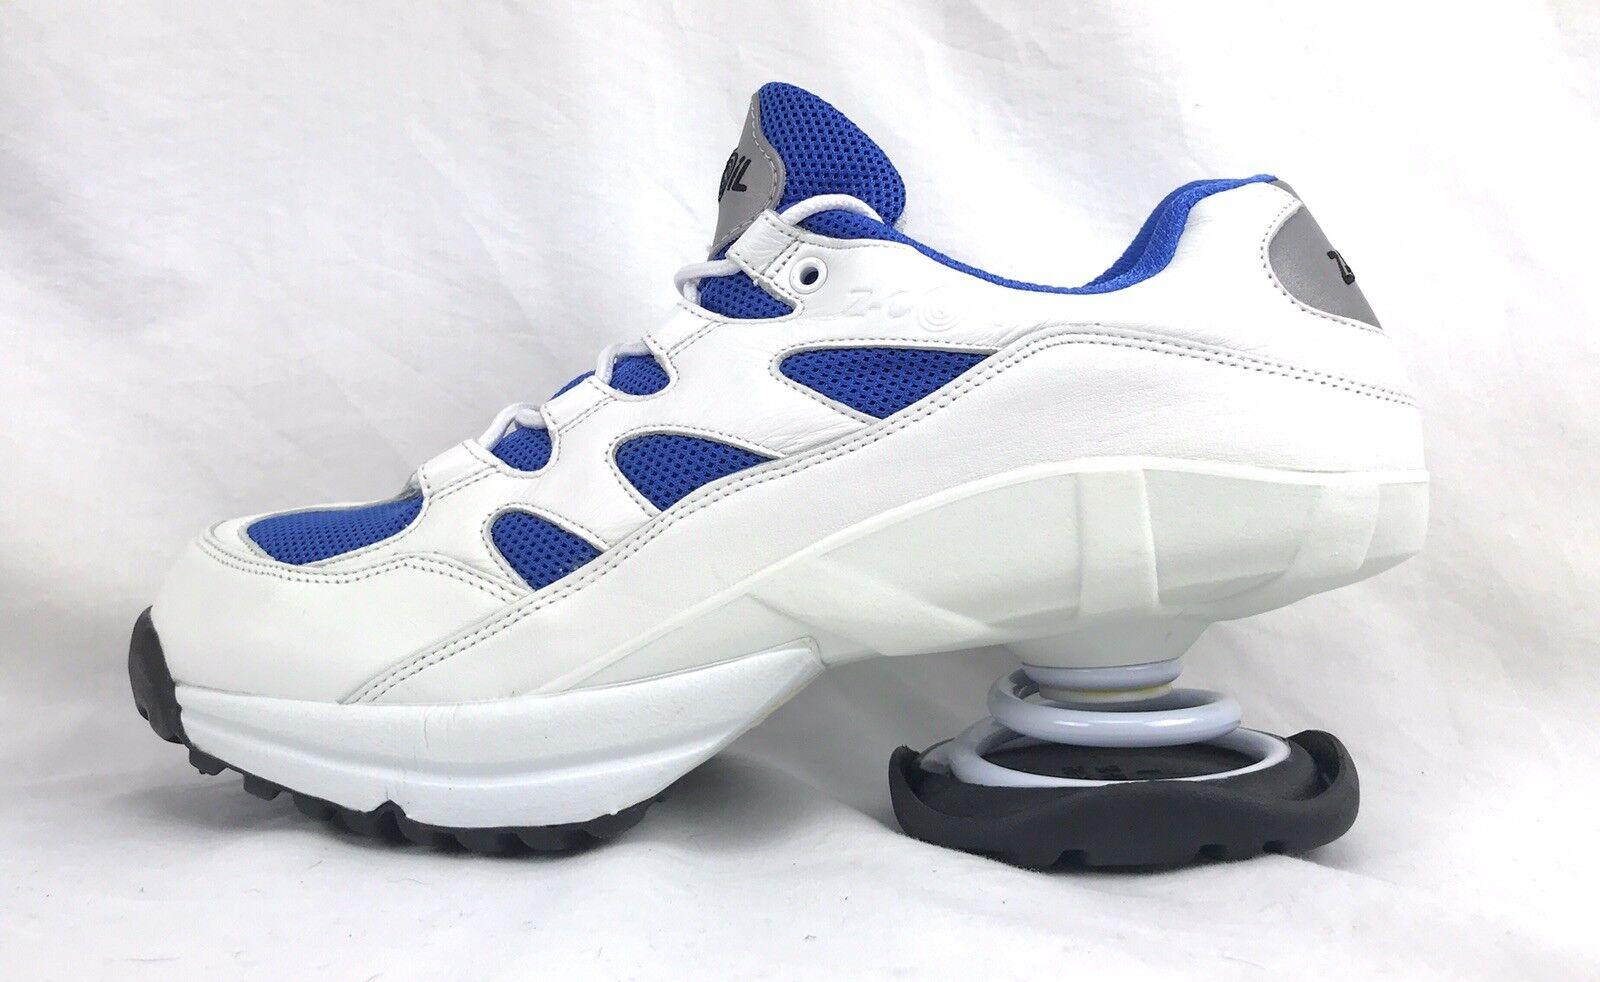 vendita economica Z Z Z Coil Freedom M 12 Lace Up bianca Leather & blu Mesh scarpe 46 EU 11 CM  in cerca di agente di vendita